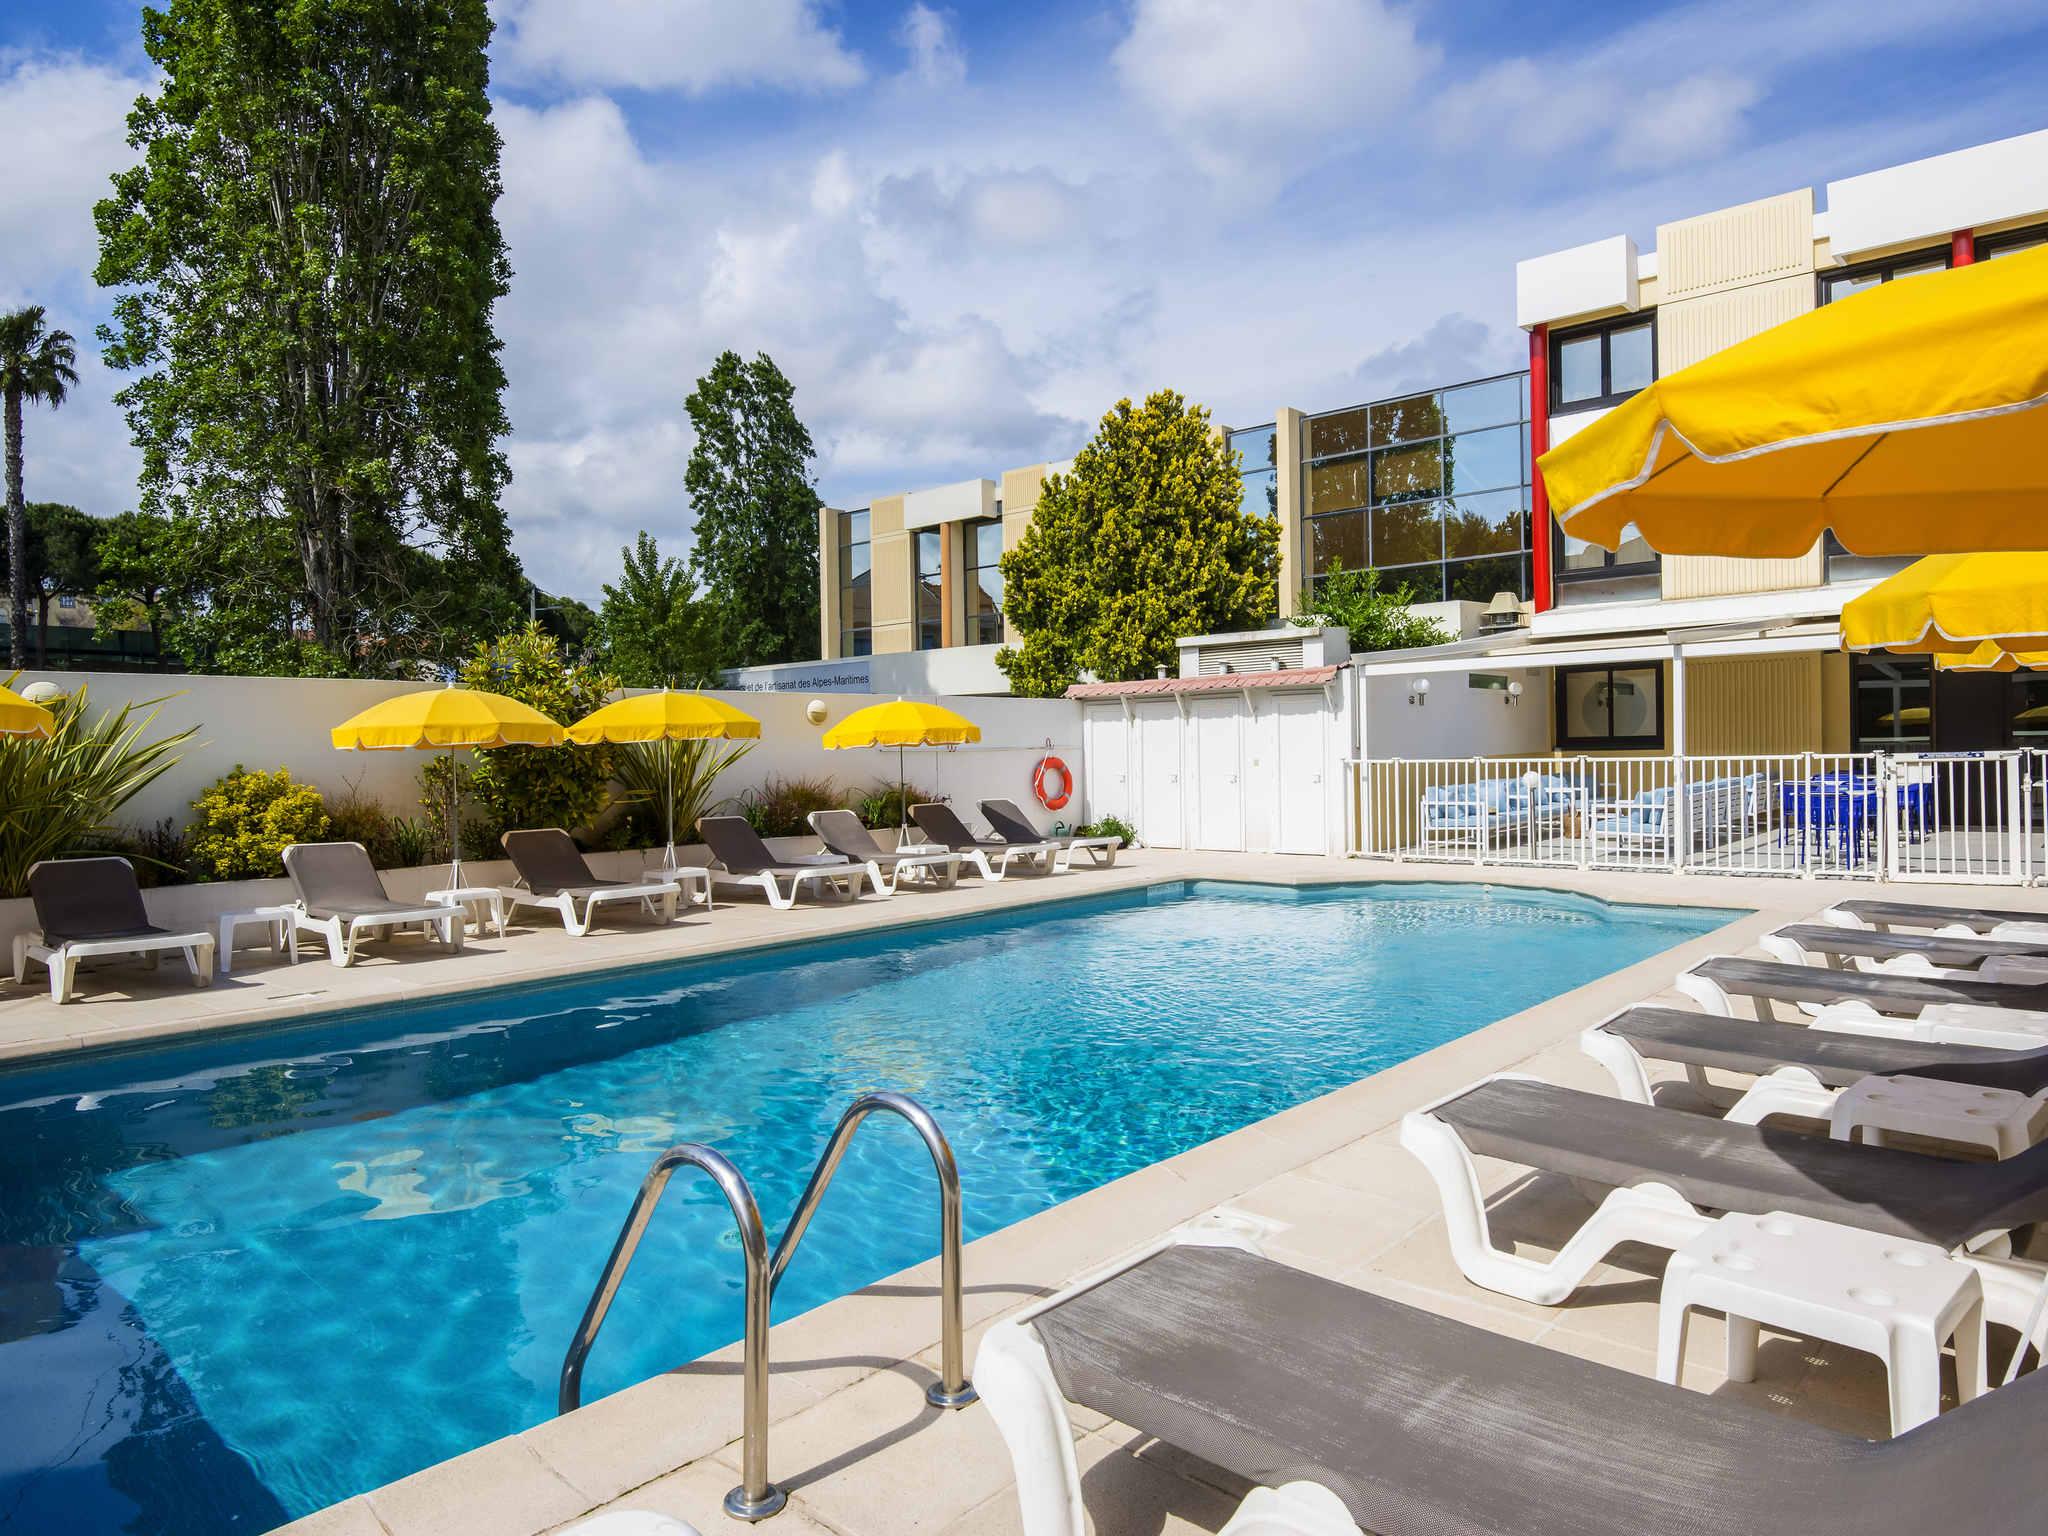 โรงแรม – HOTEL MERCURE NICE CAP 3000 (Futur Ibis Styles)